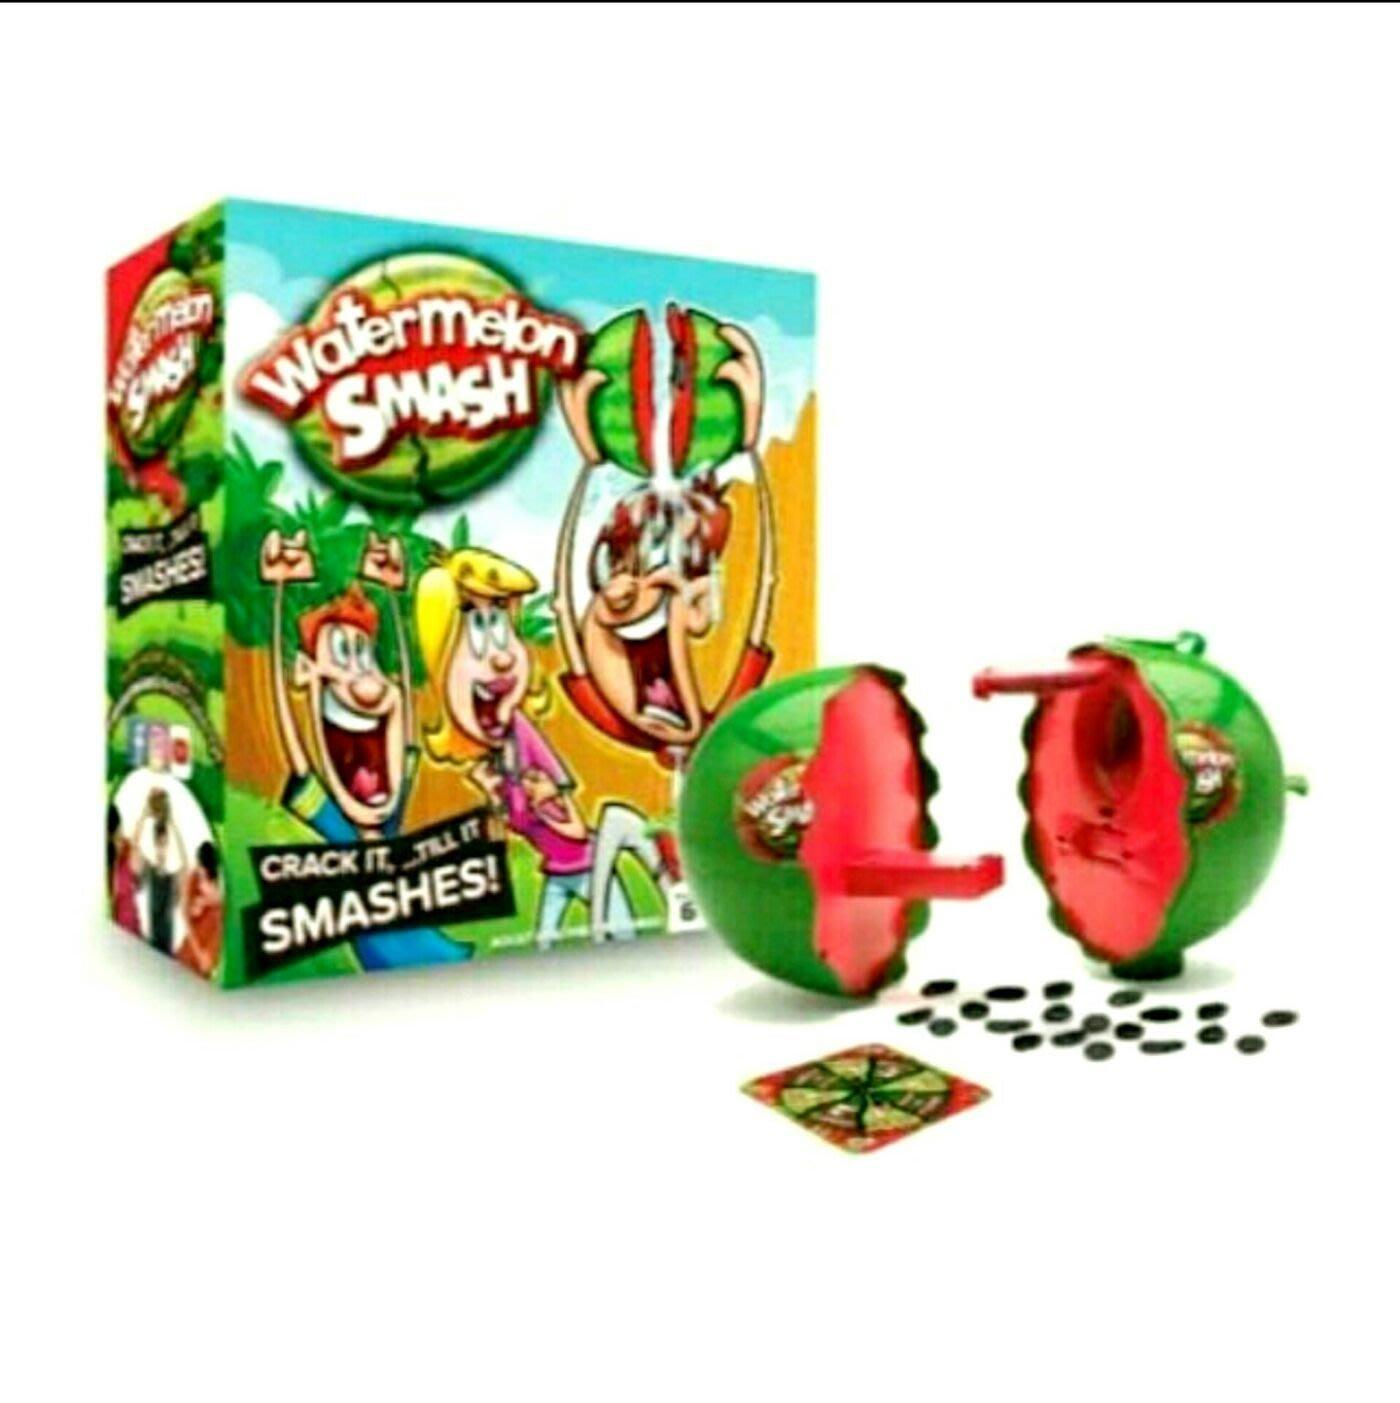 【NEIL玩具王國】預購 正版 破你的西瓜 西瓜桌遊 爆漿大西瓜 破西瓜桌遊